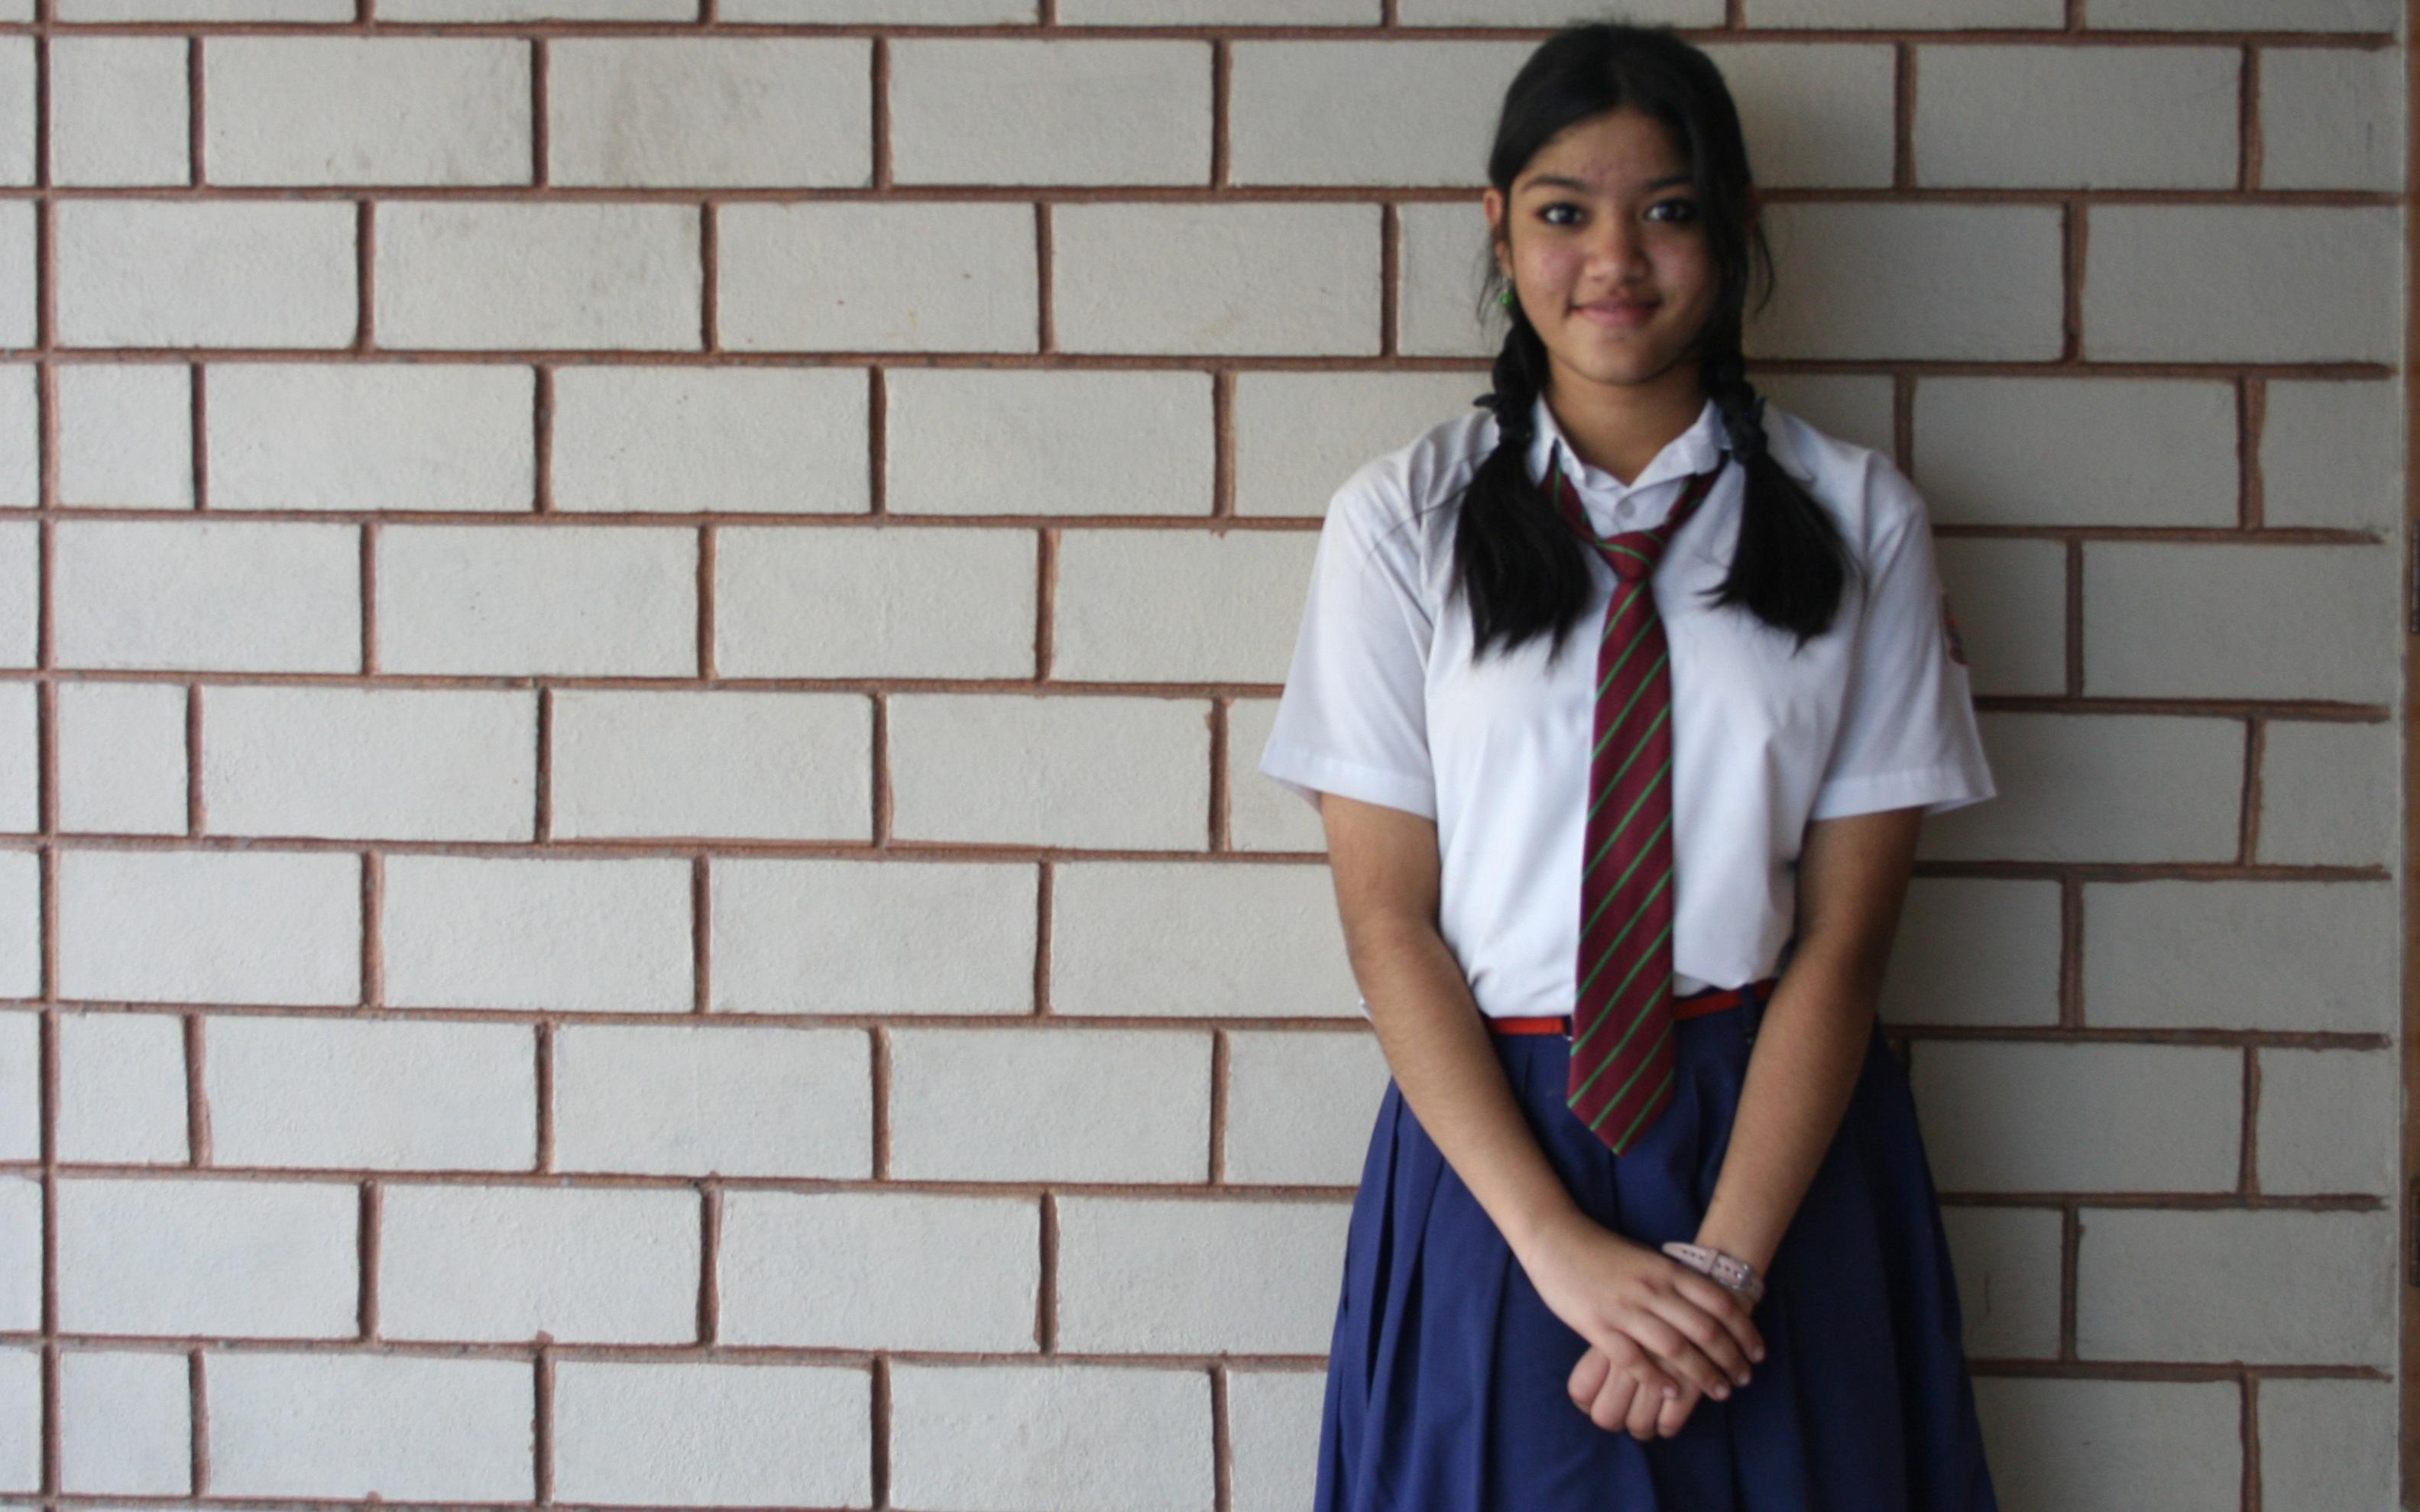 Schoolgirl standing and smiling